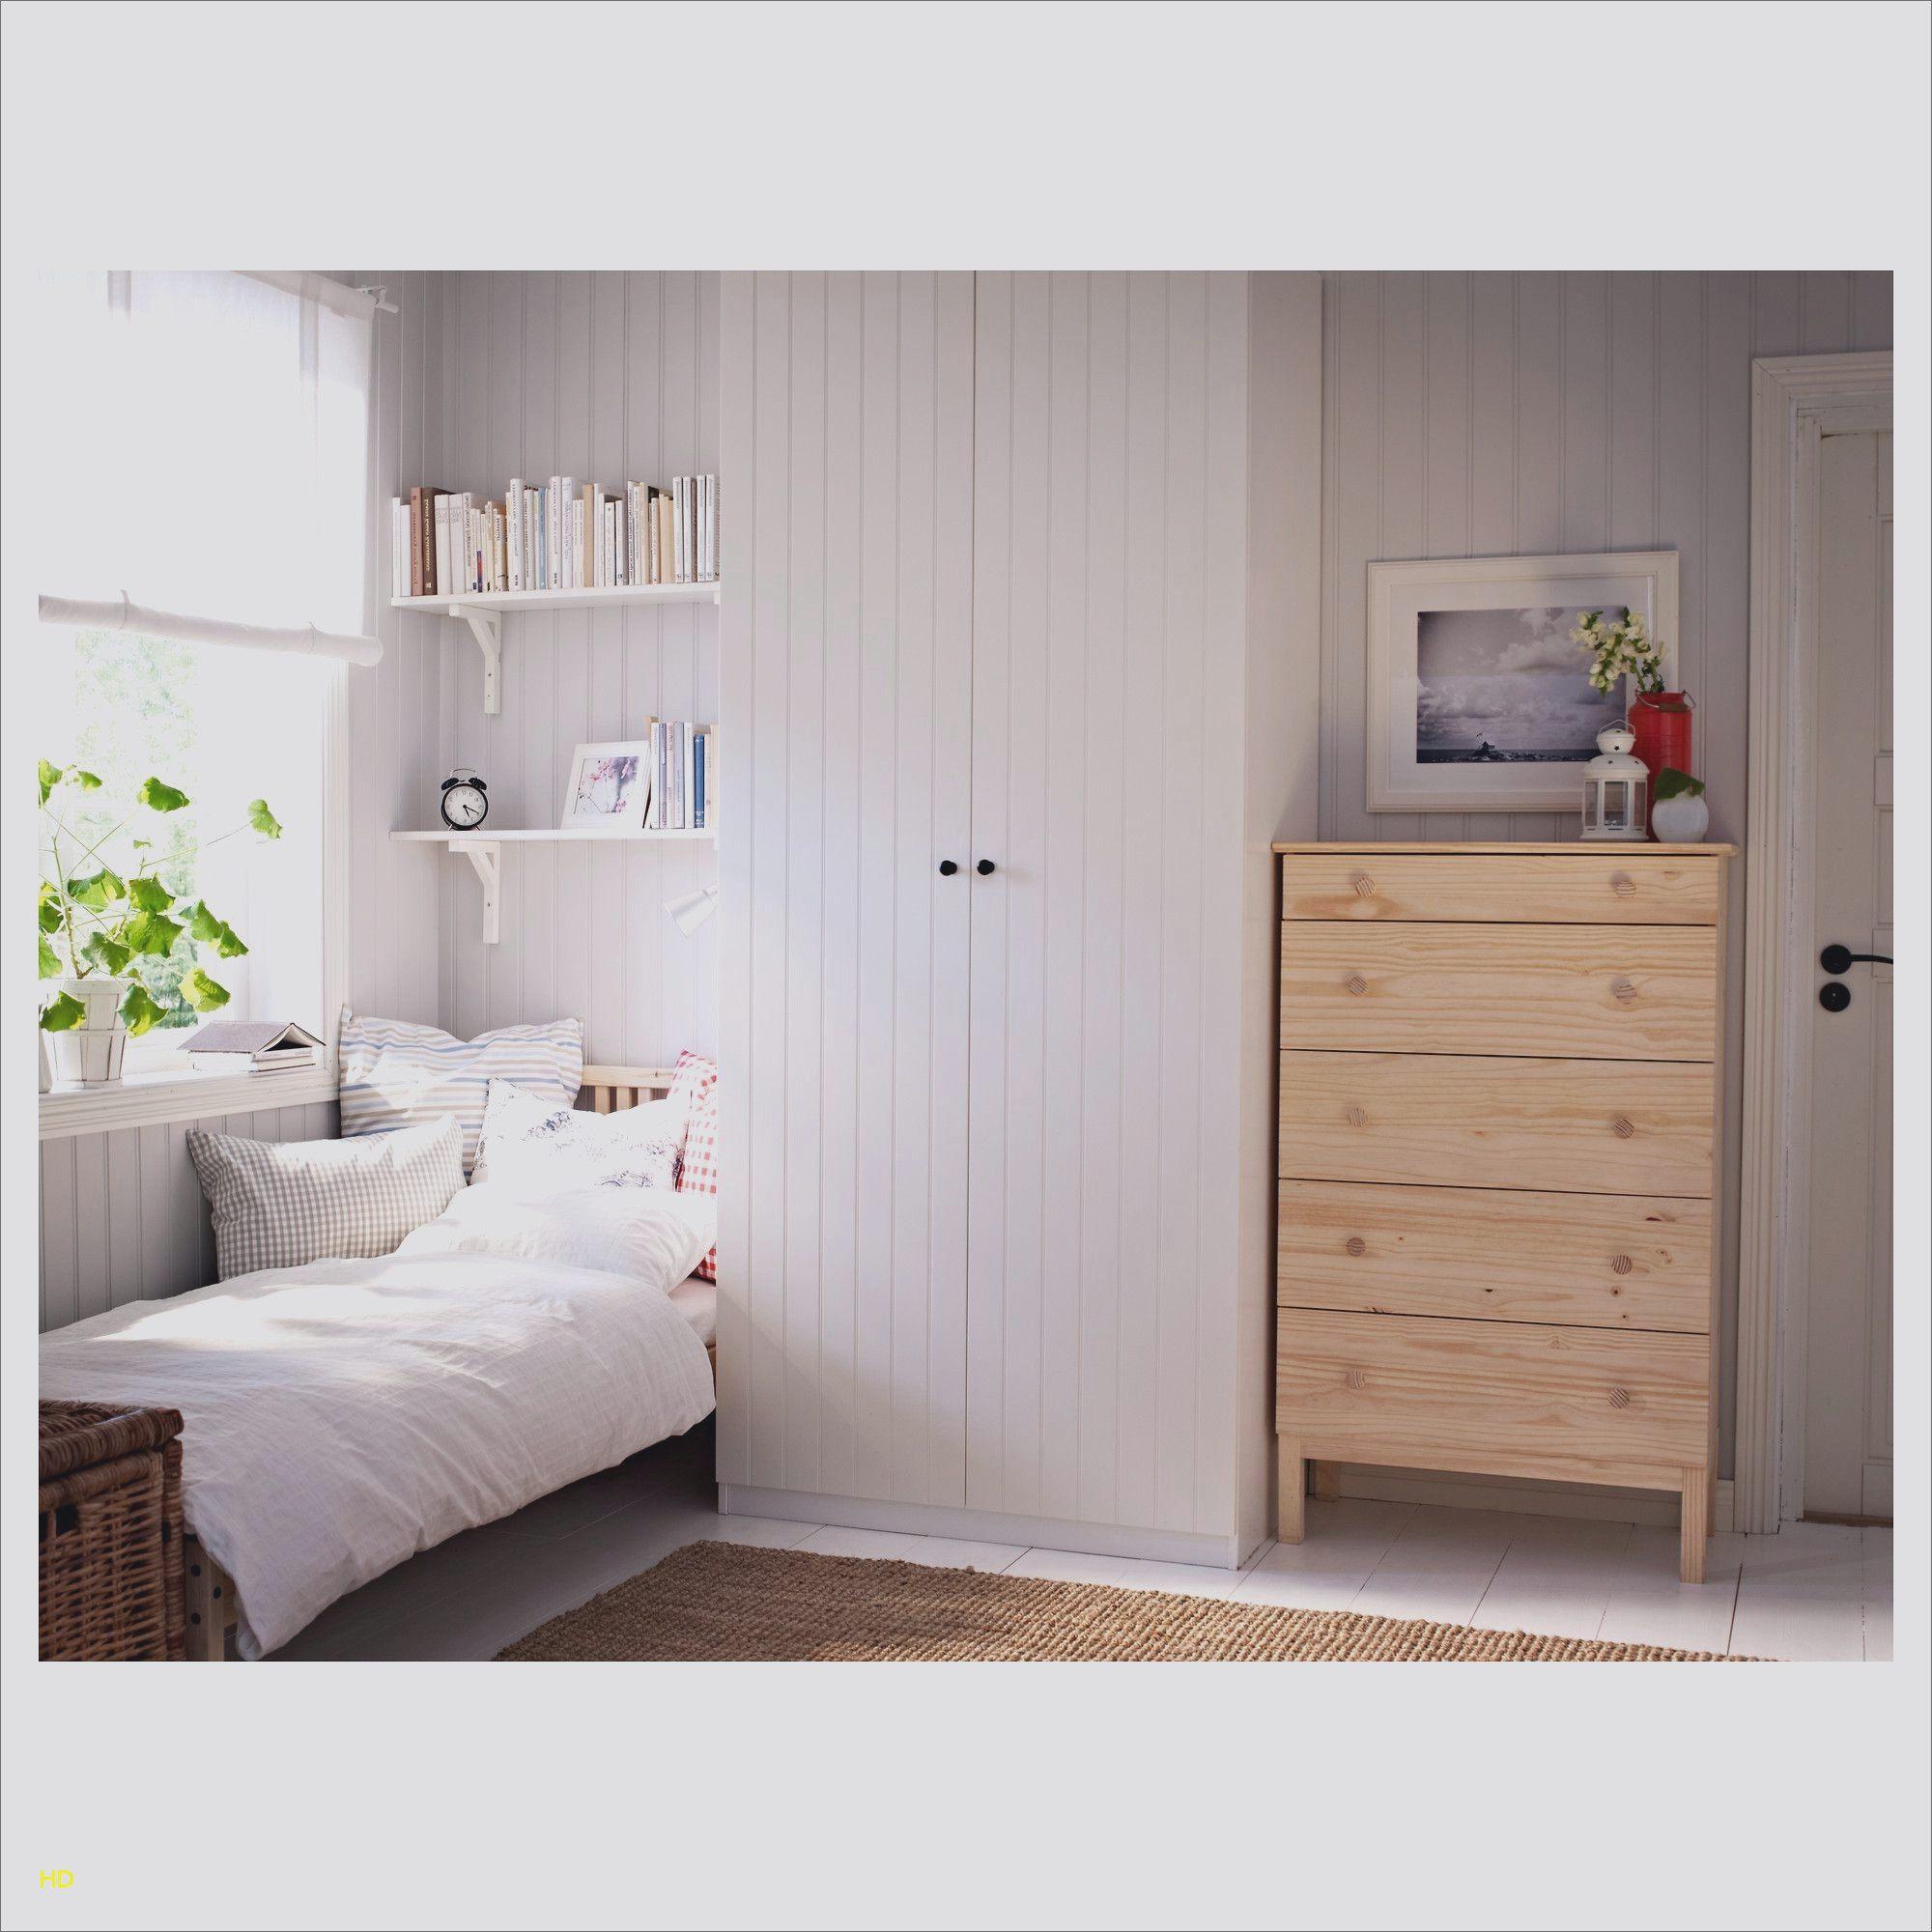 Lit Haut 160×200 Luxe Décoratif Armoire Lit 160×200 Ou Armoire Lit Ikea Avec Lit Gain De